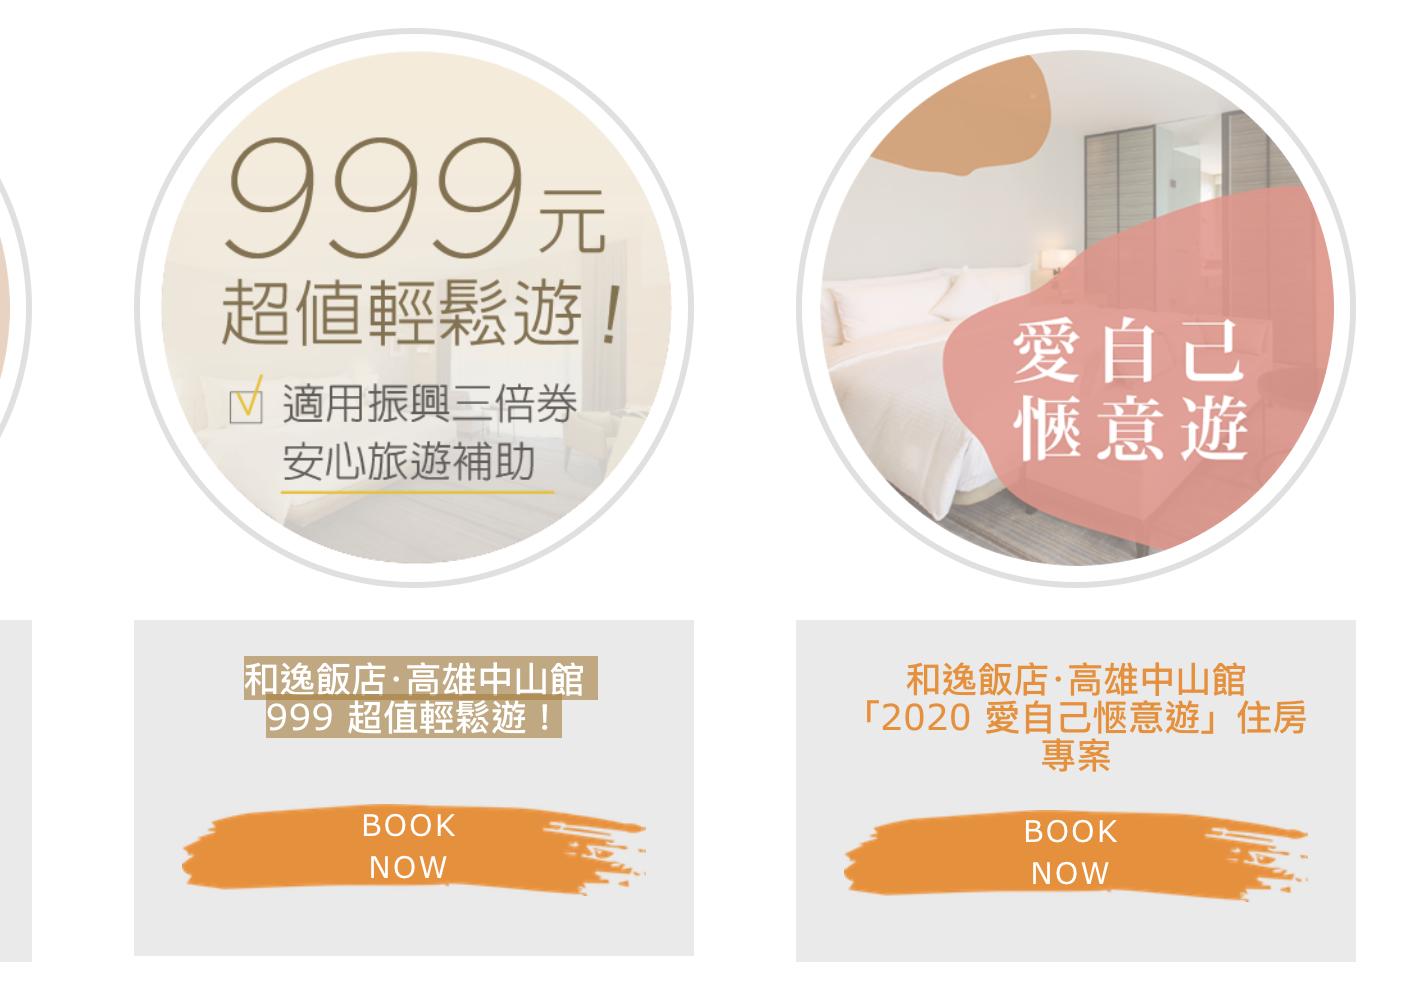 高雄和逸也有八九月划算的專案整理,2.5K起入住、可安心旅遊補助